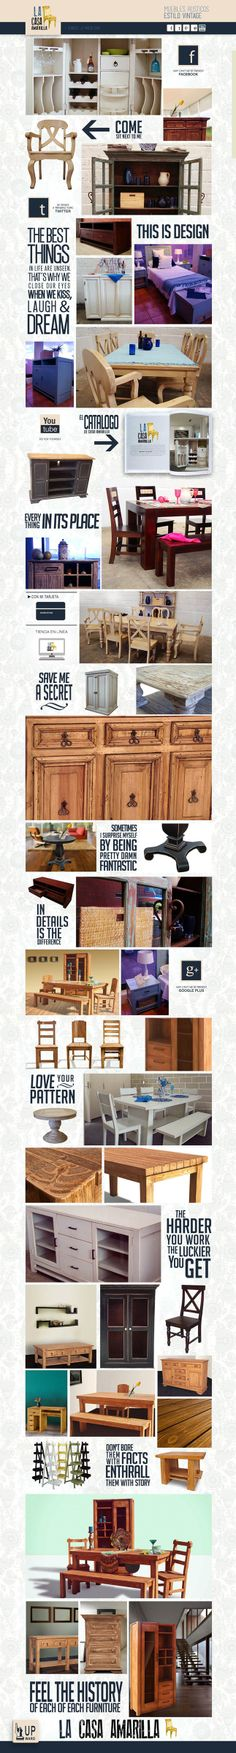 La Casa Amarilla ® sitio web. Home.